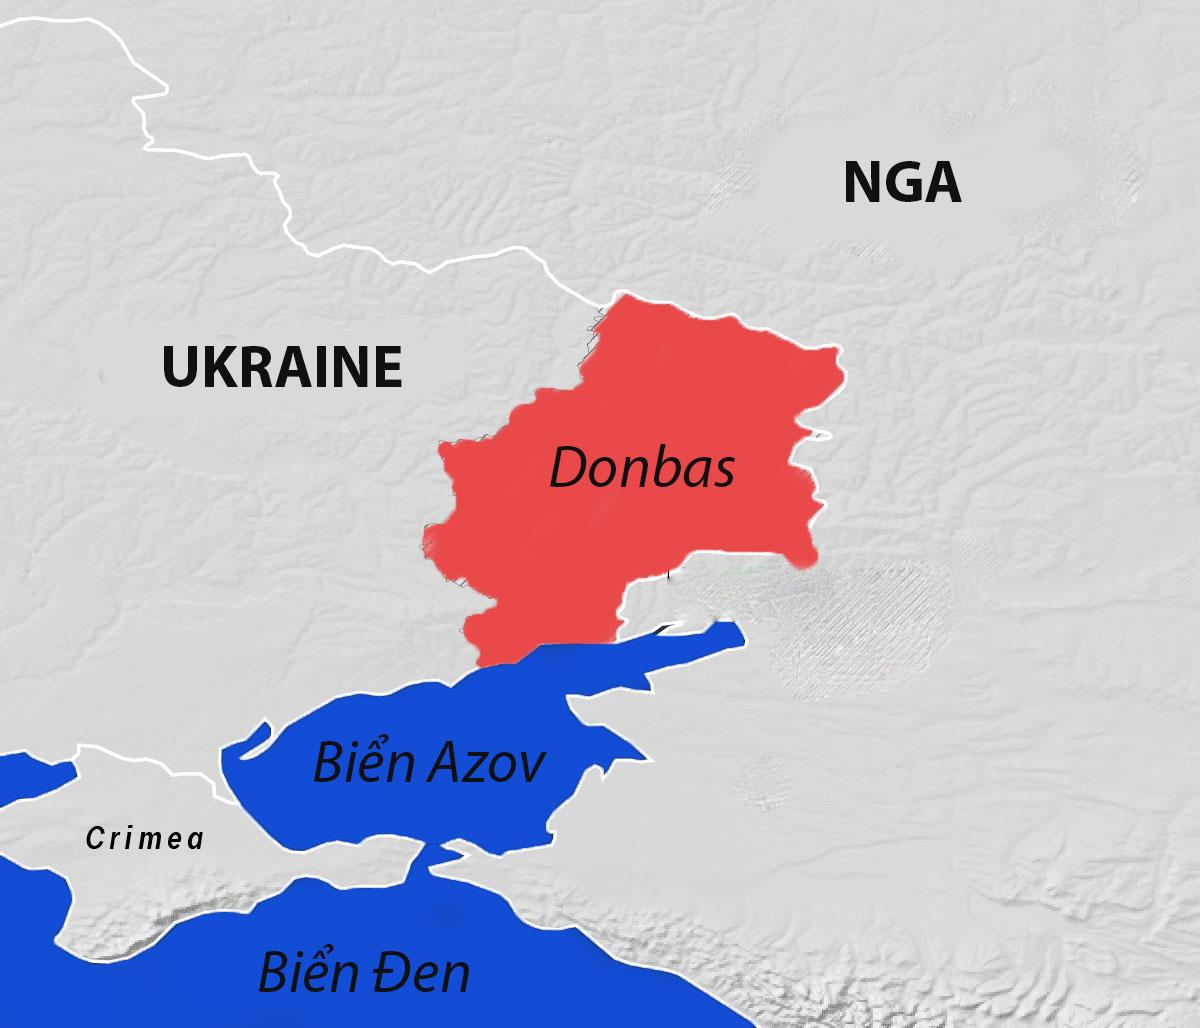 Khu vực Donbas ở miền đông Ukraine, giáp biên giới Nga. Đồ họa: Viện Lowy.